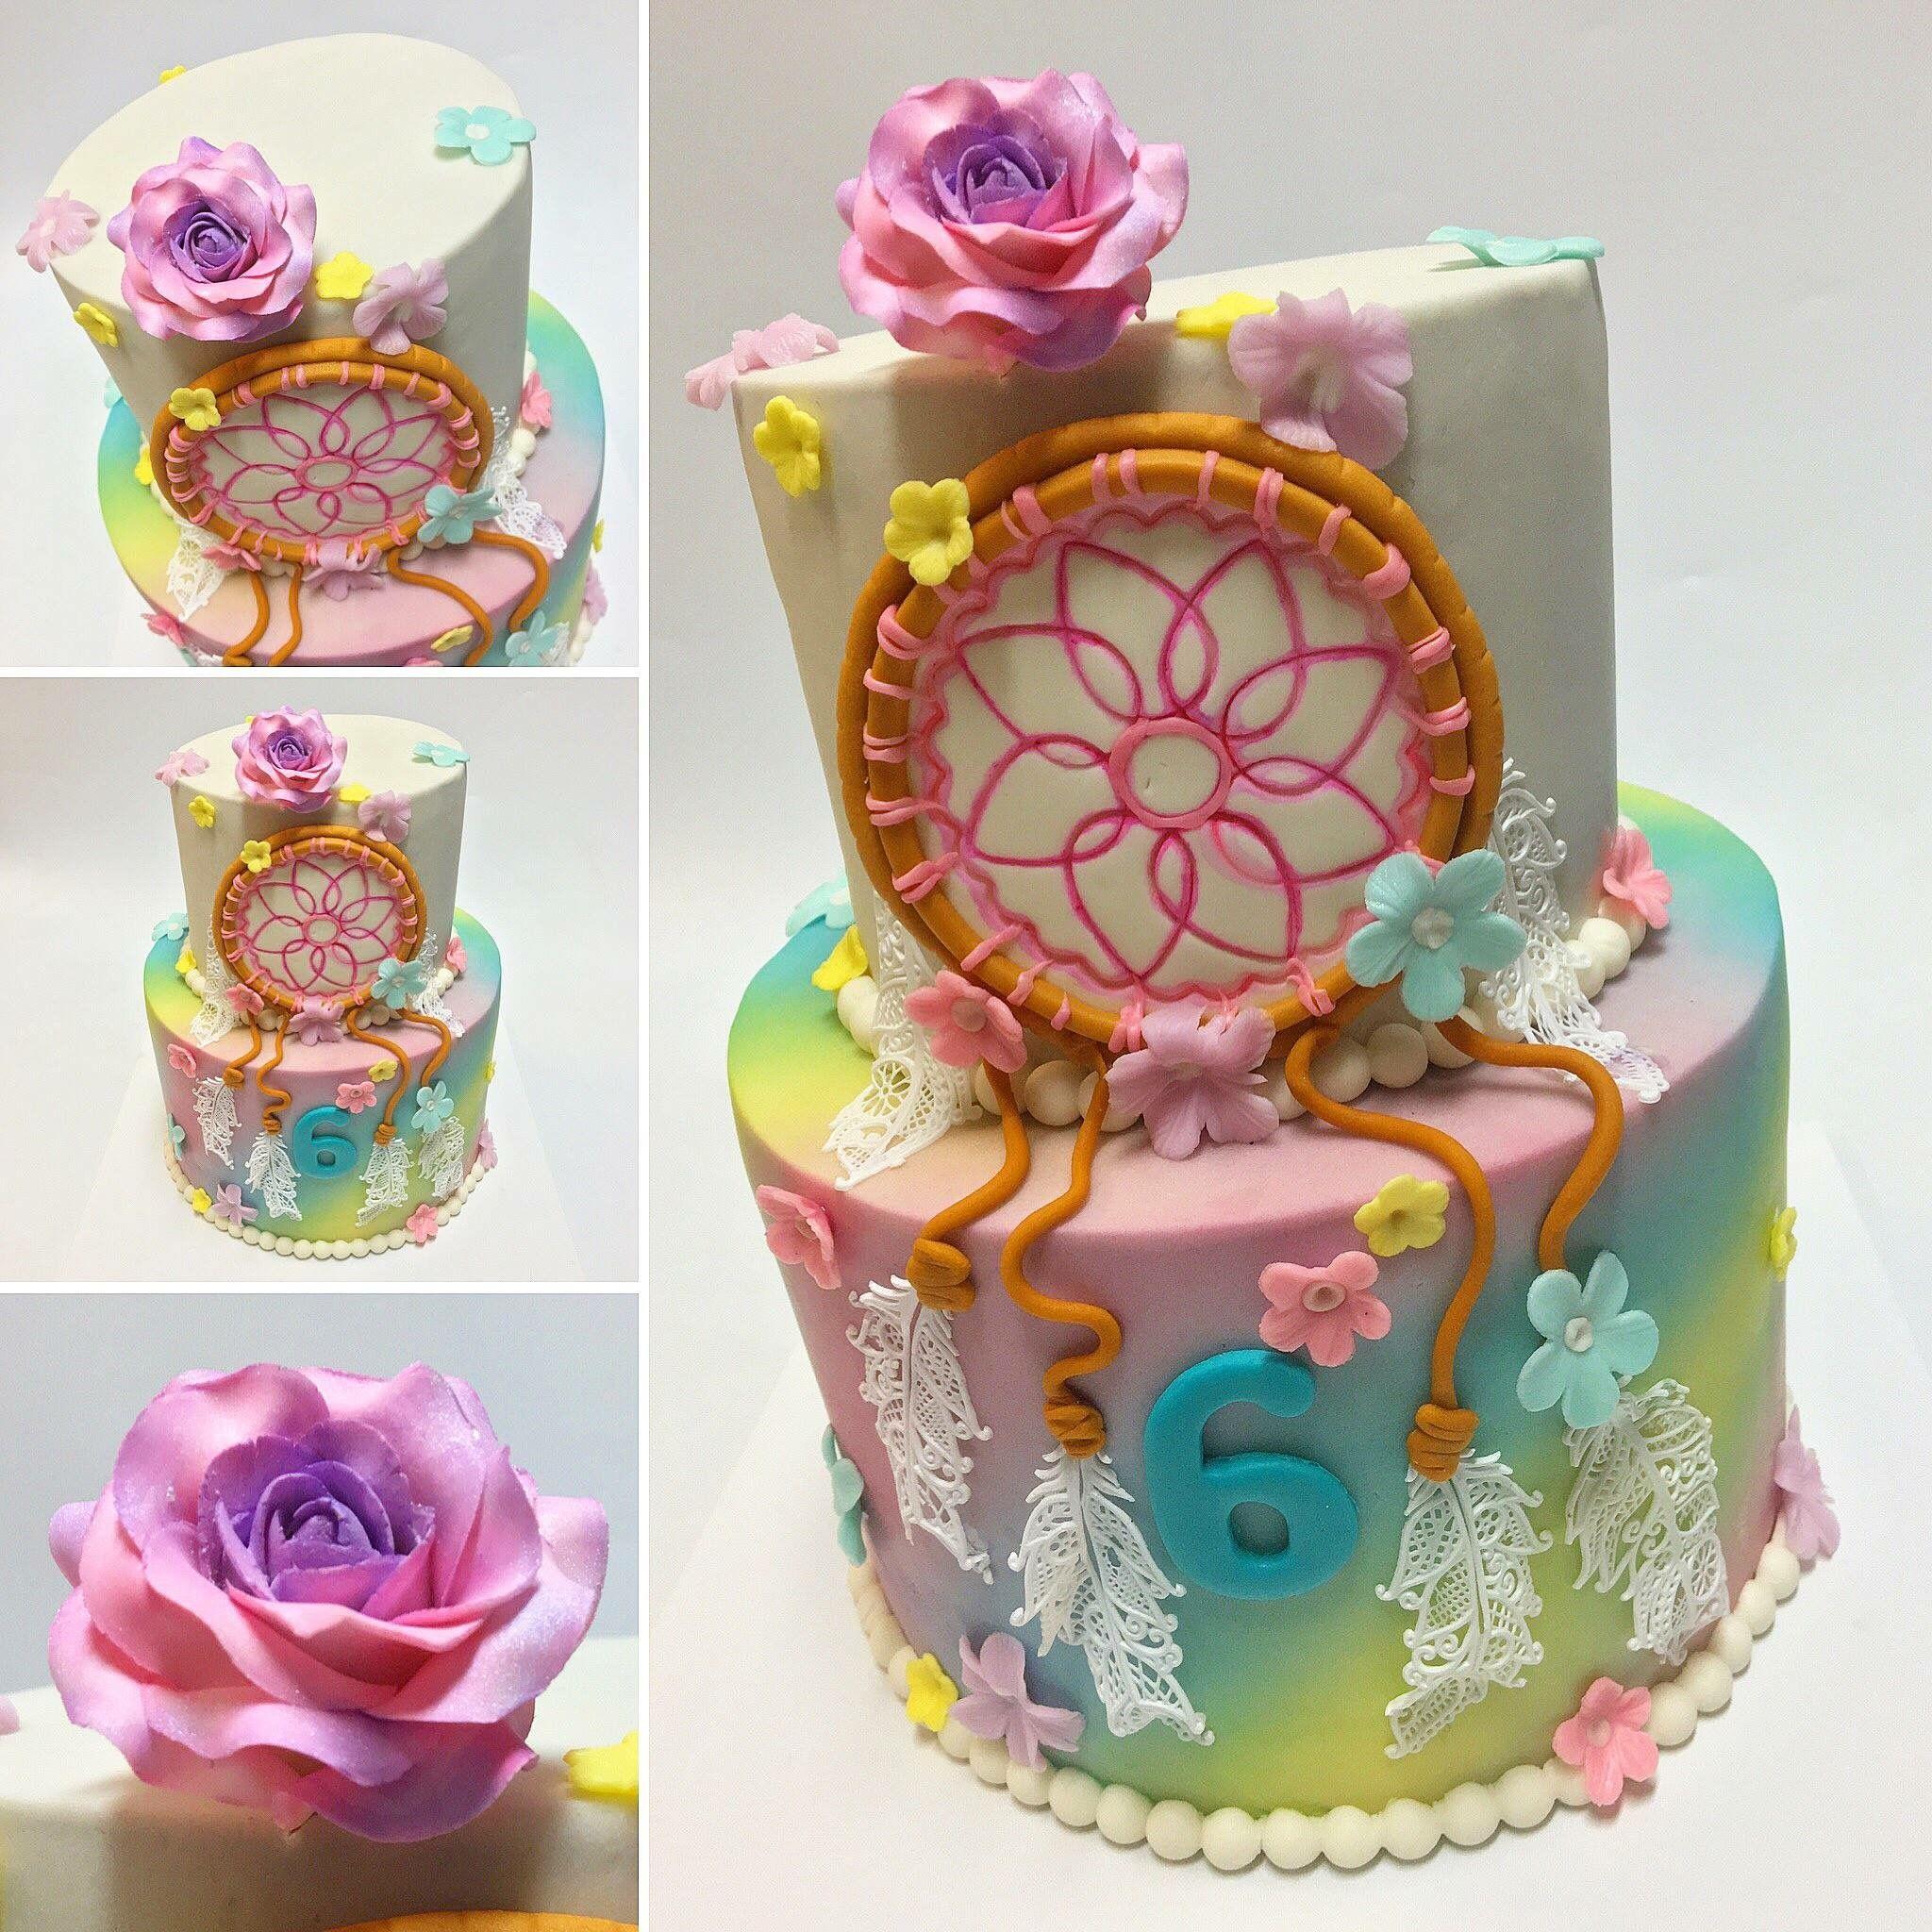 Pin By Tj Payton On Cake